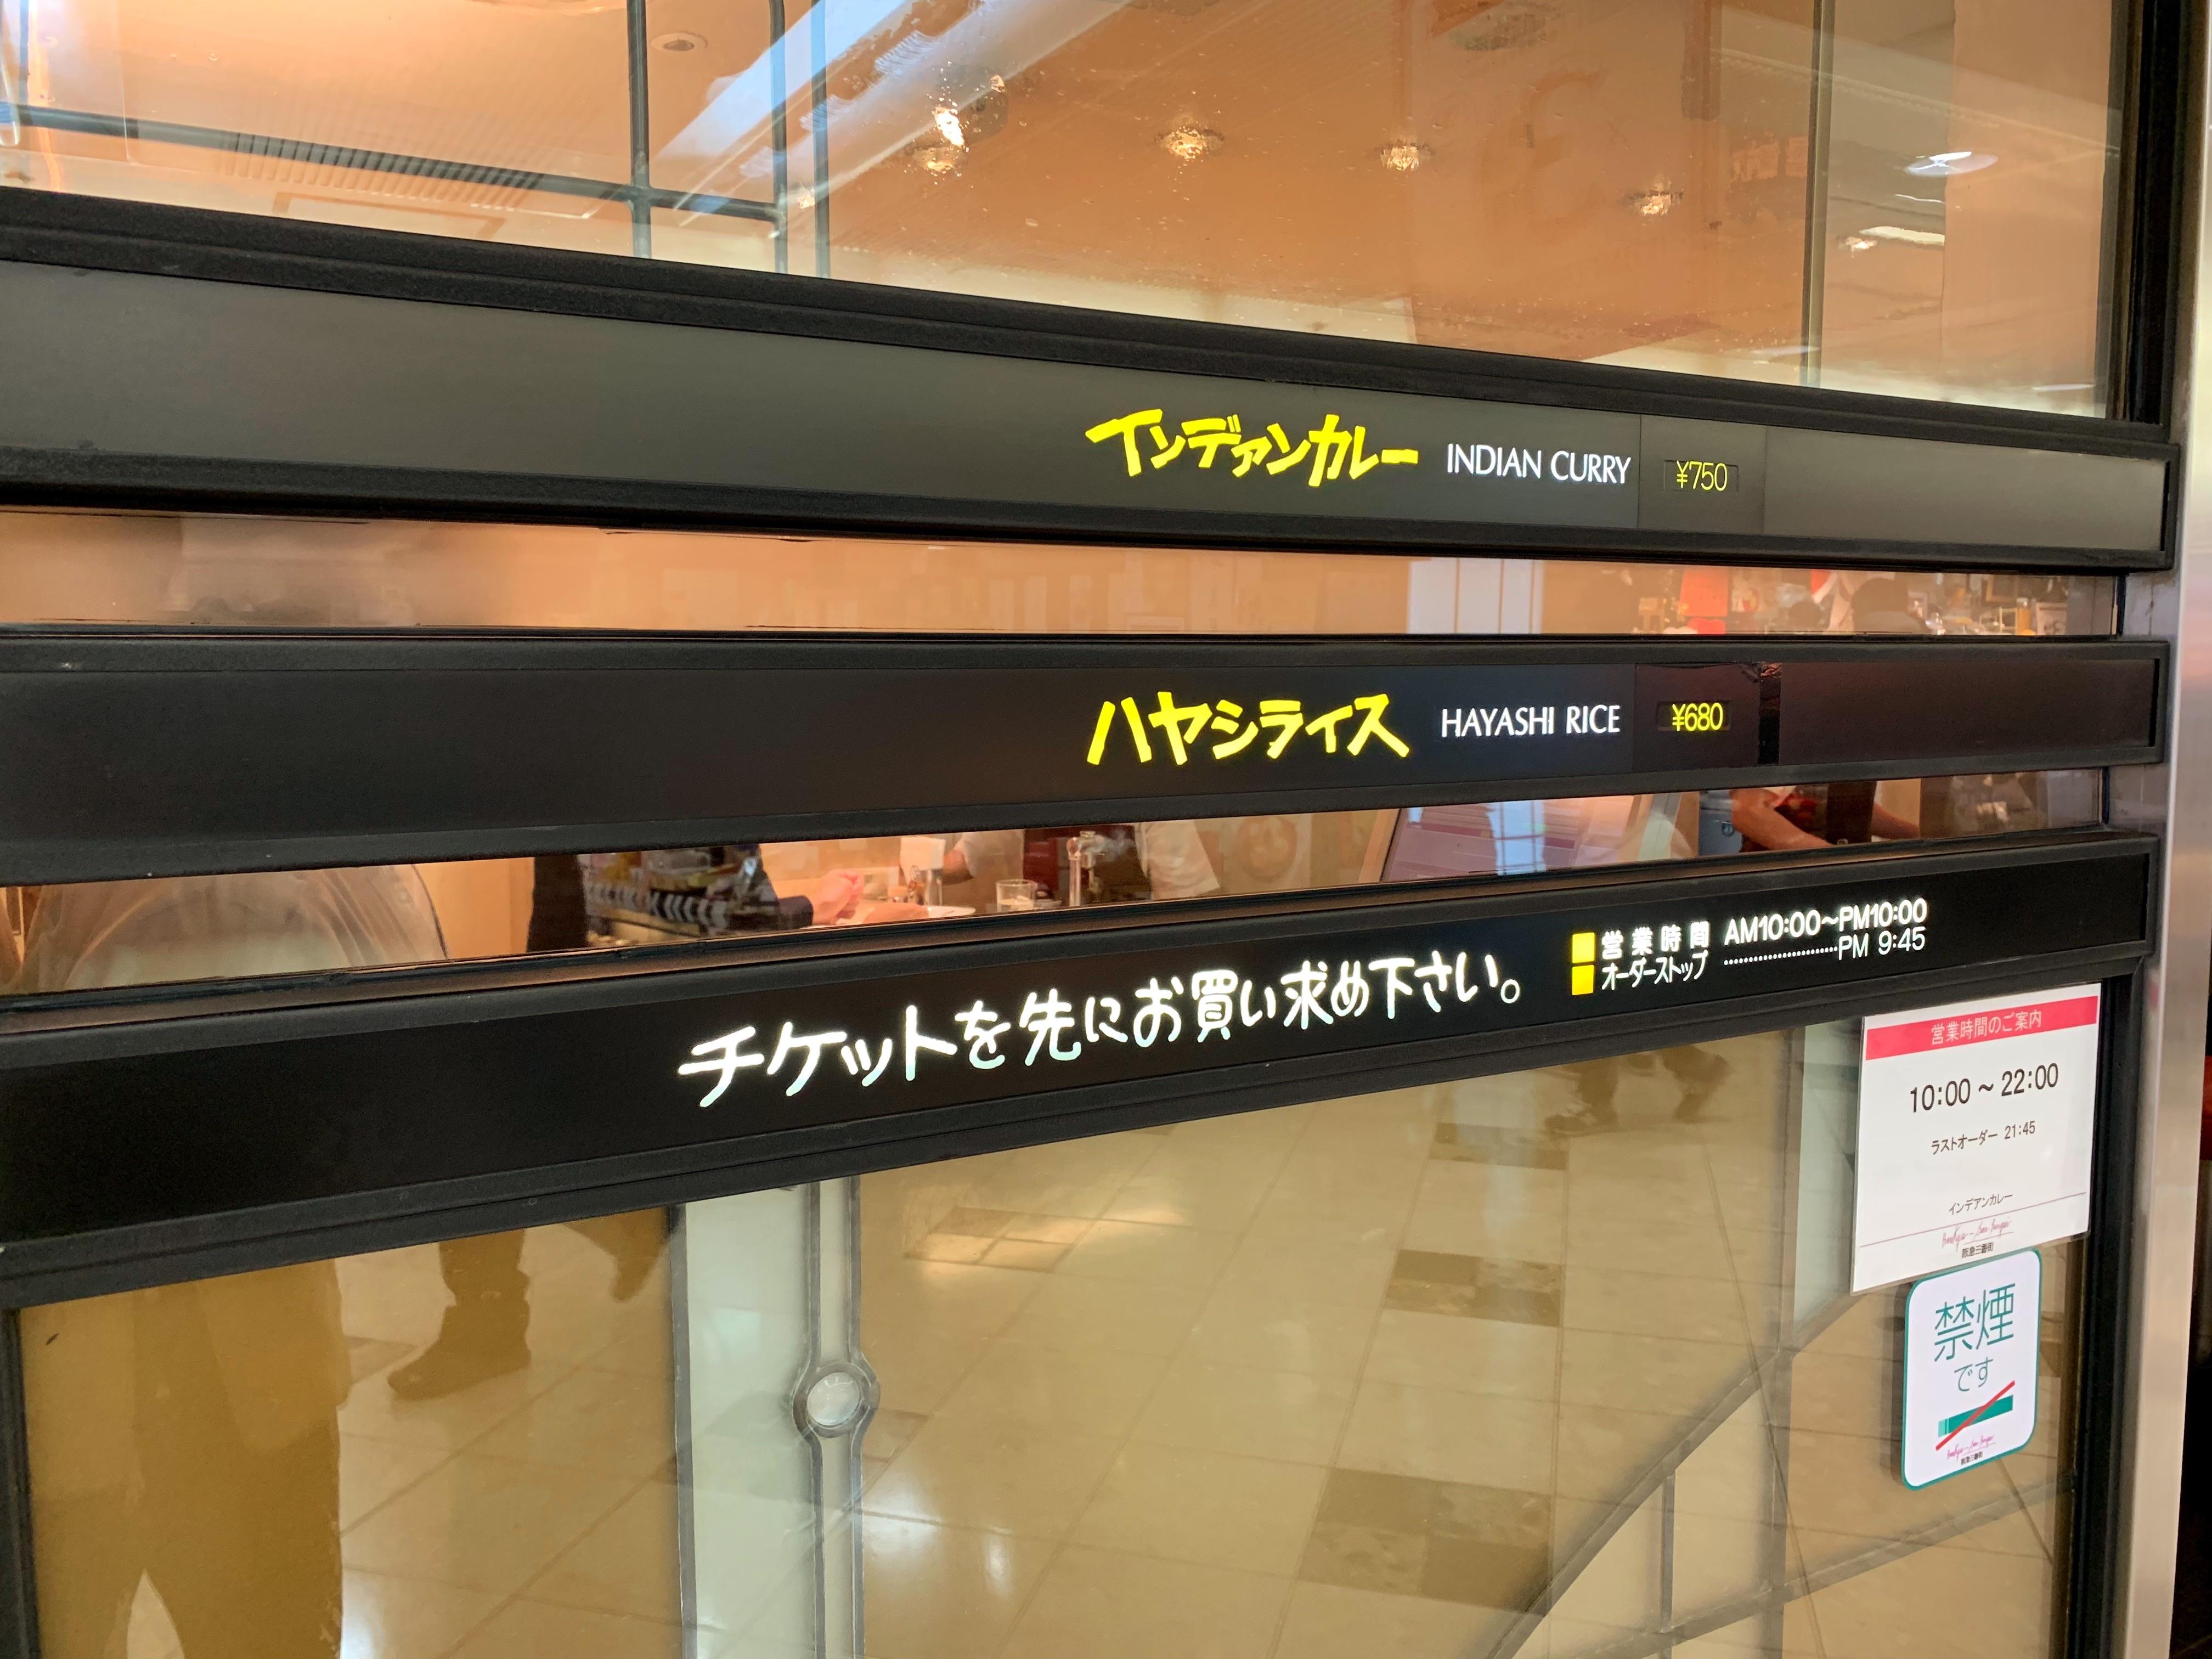 阪急三番街にある人気店「インデアンカレー」のメニュー